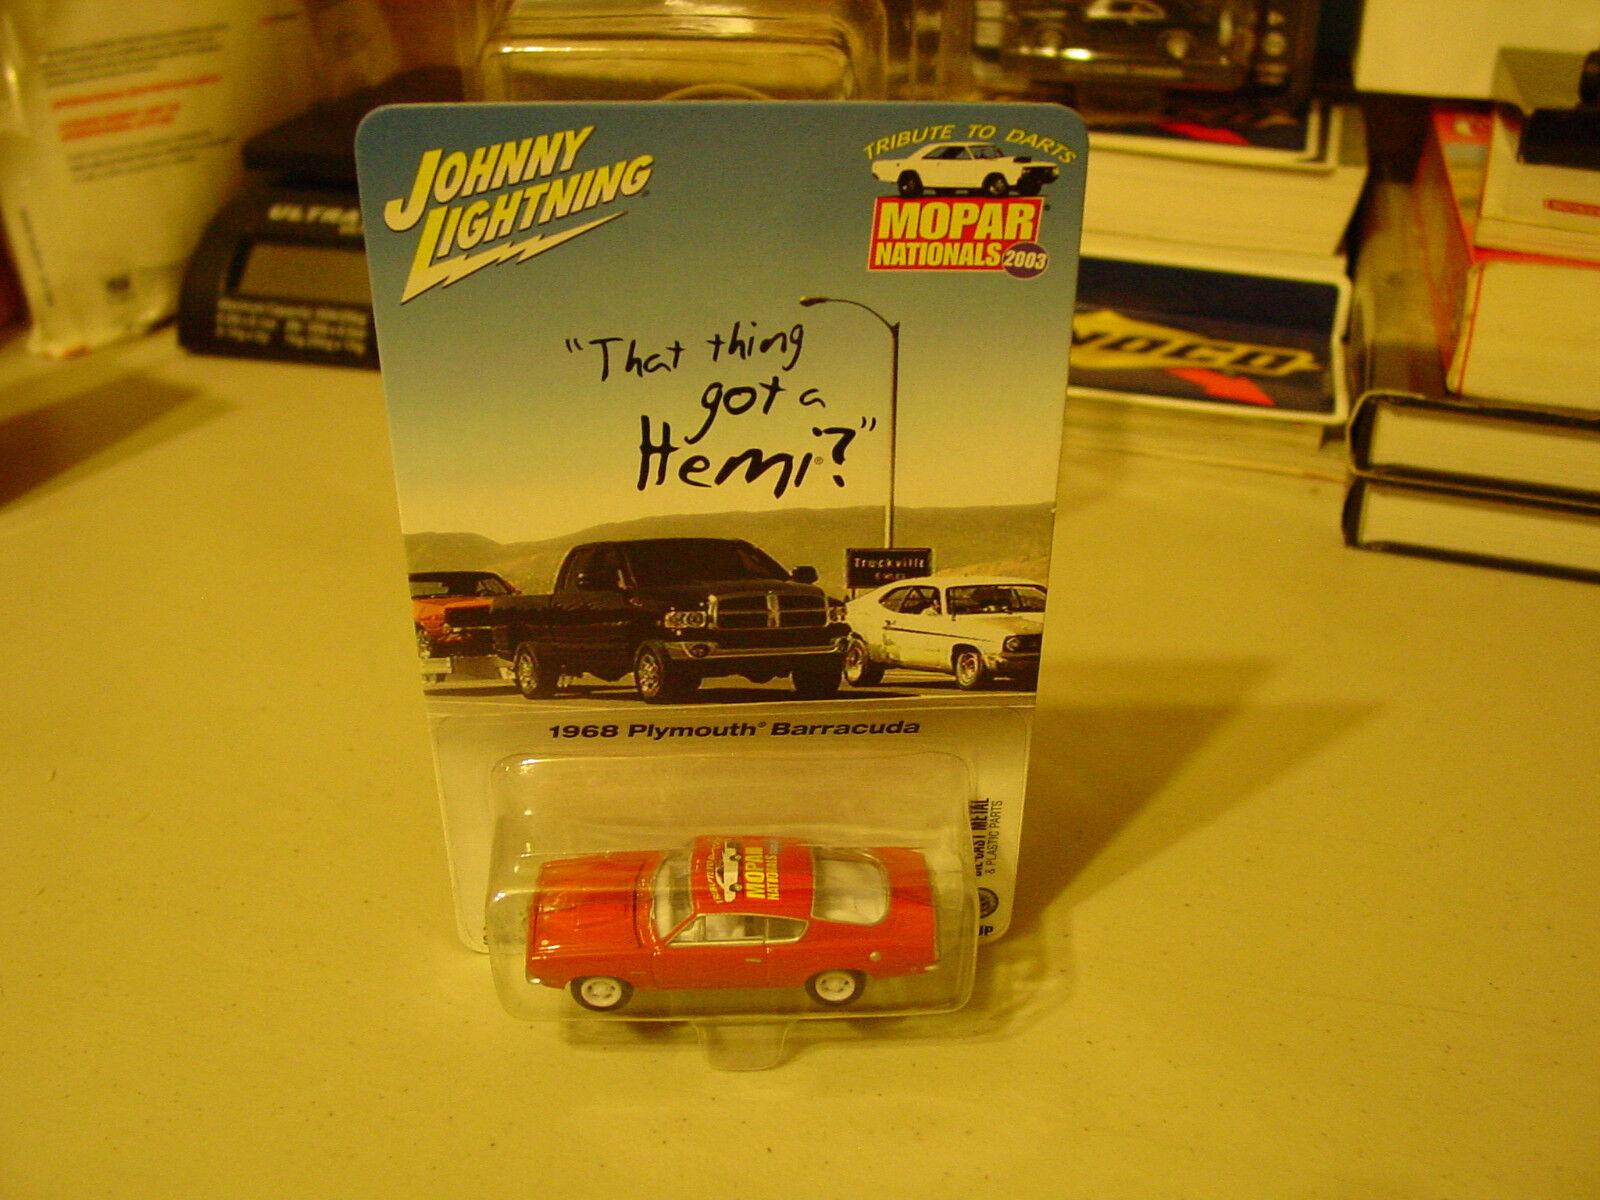 2003 Johnny Lightning blanc Lightning MOPAR ressortissants 1968 Plymouth Barracuda